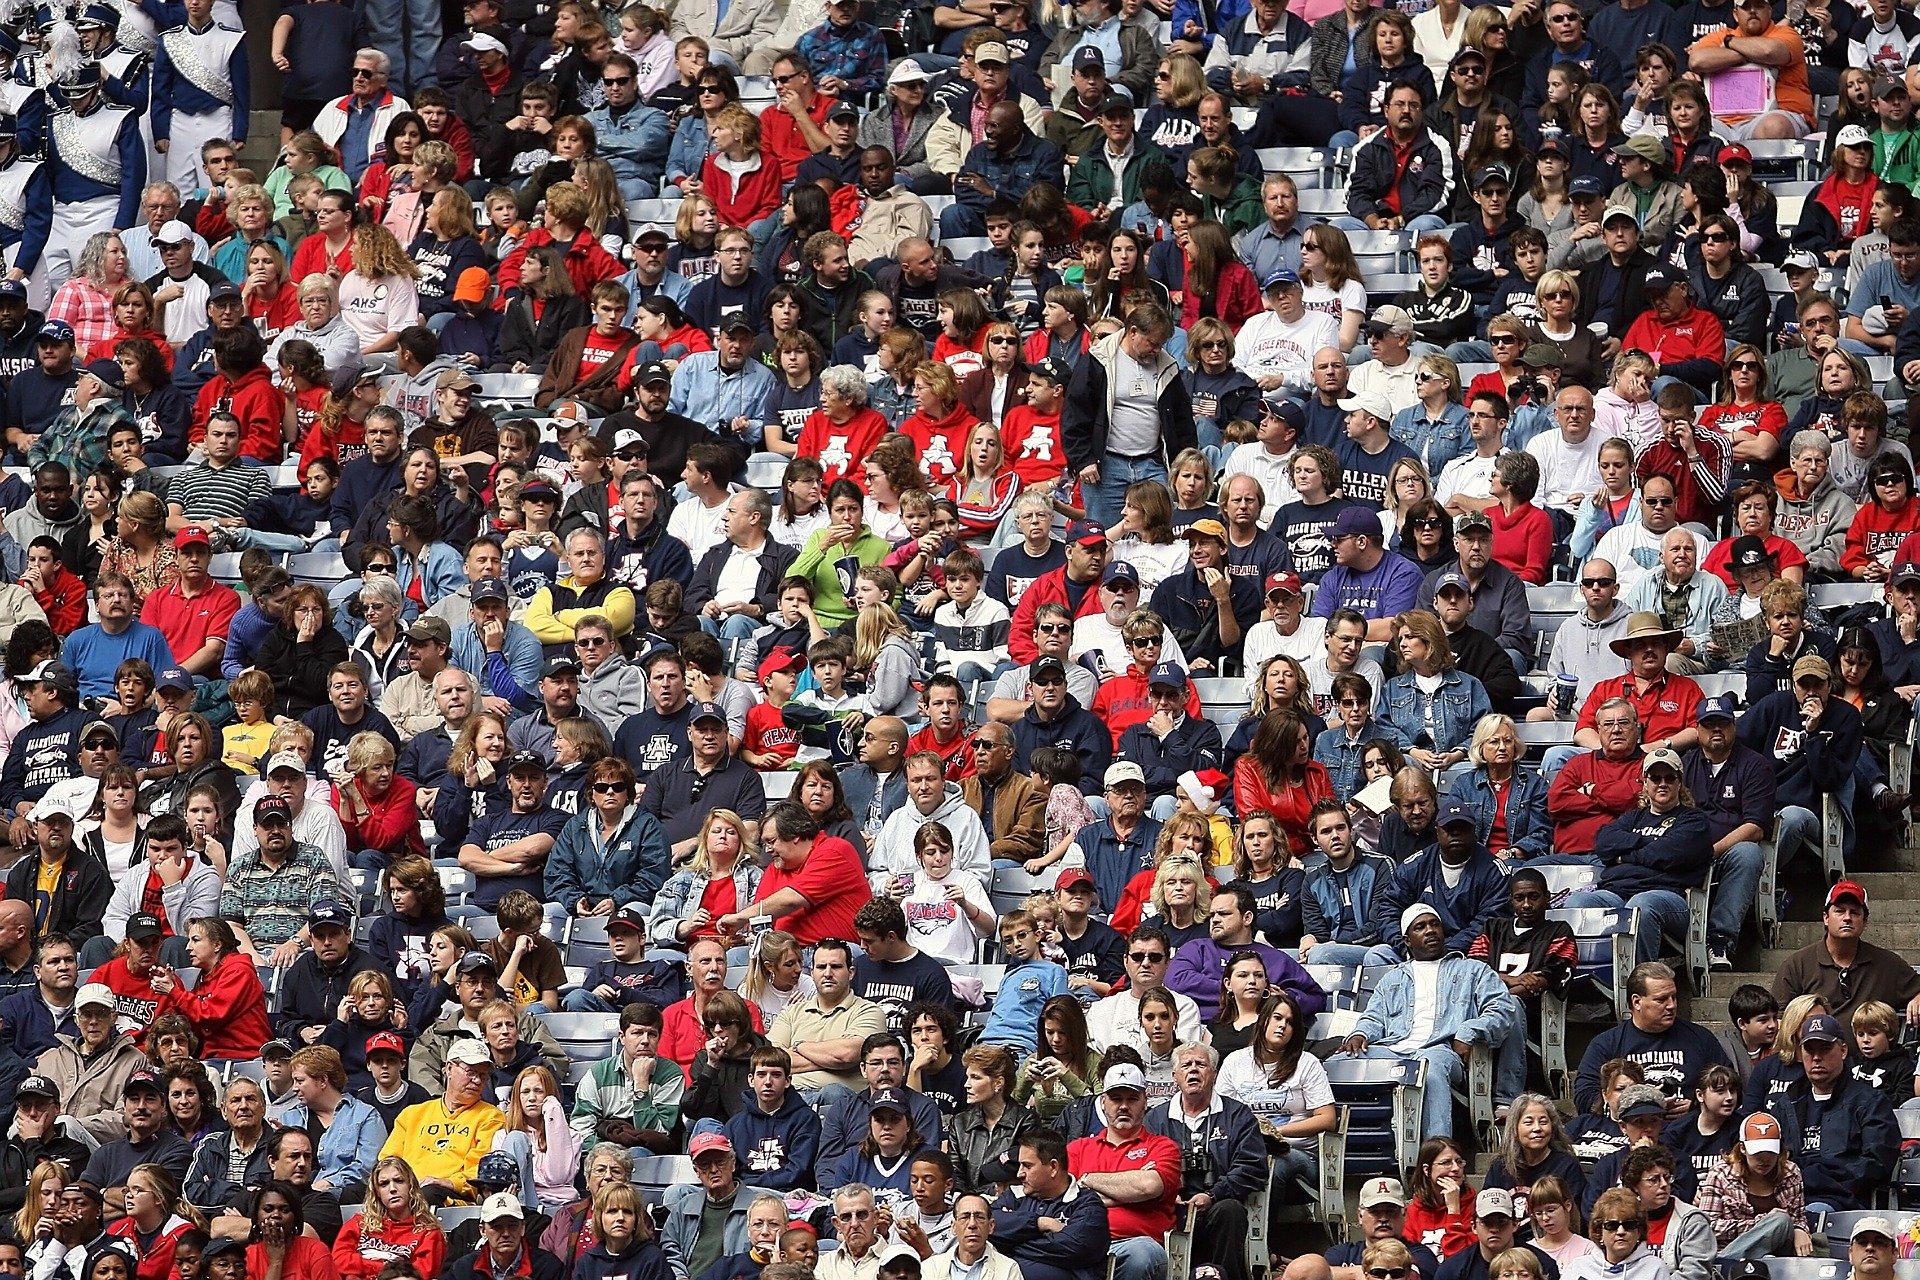 fans sport